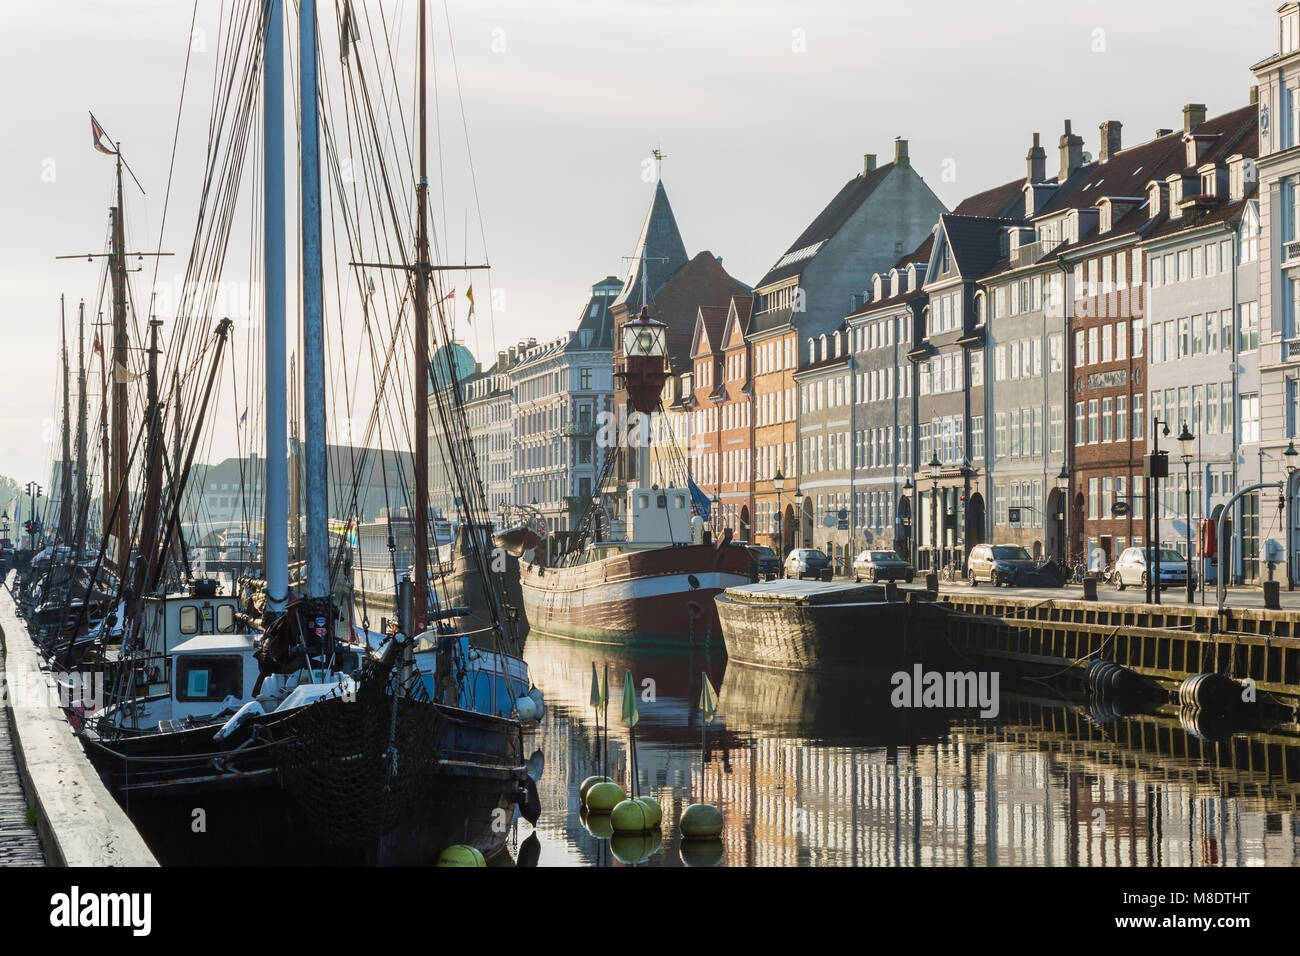 Amarrados los veleros y casas del siglo XVII en el canal de Nyhavn, Copenhague, Dinamarca Foto de stock